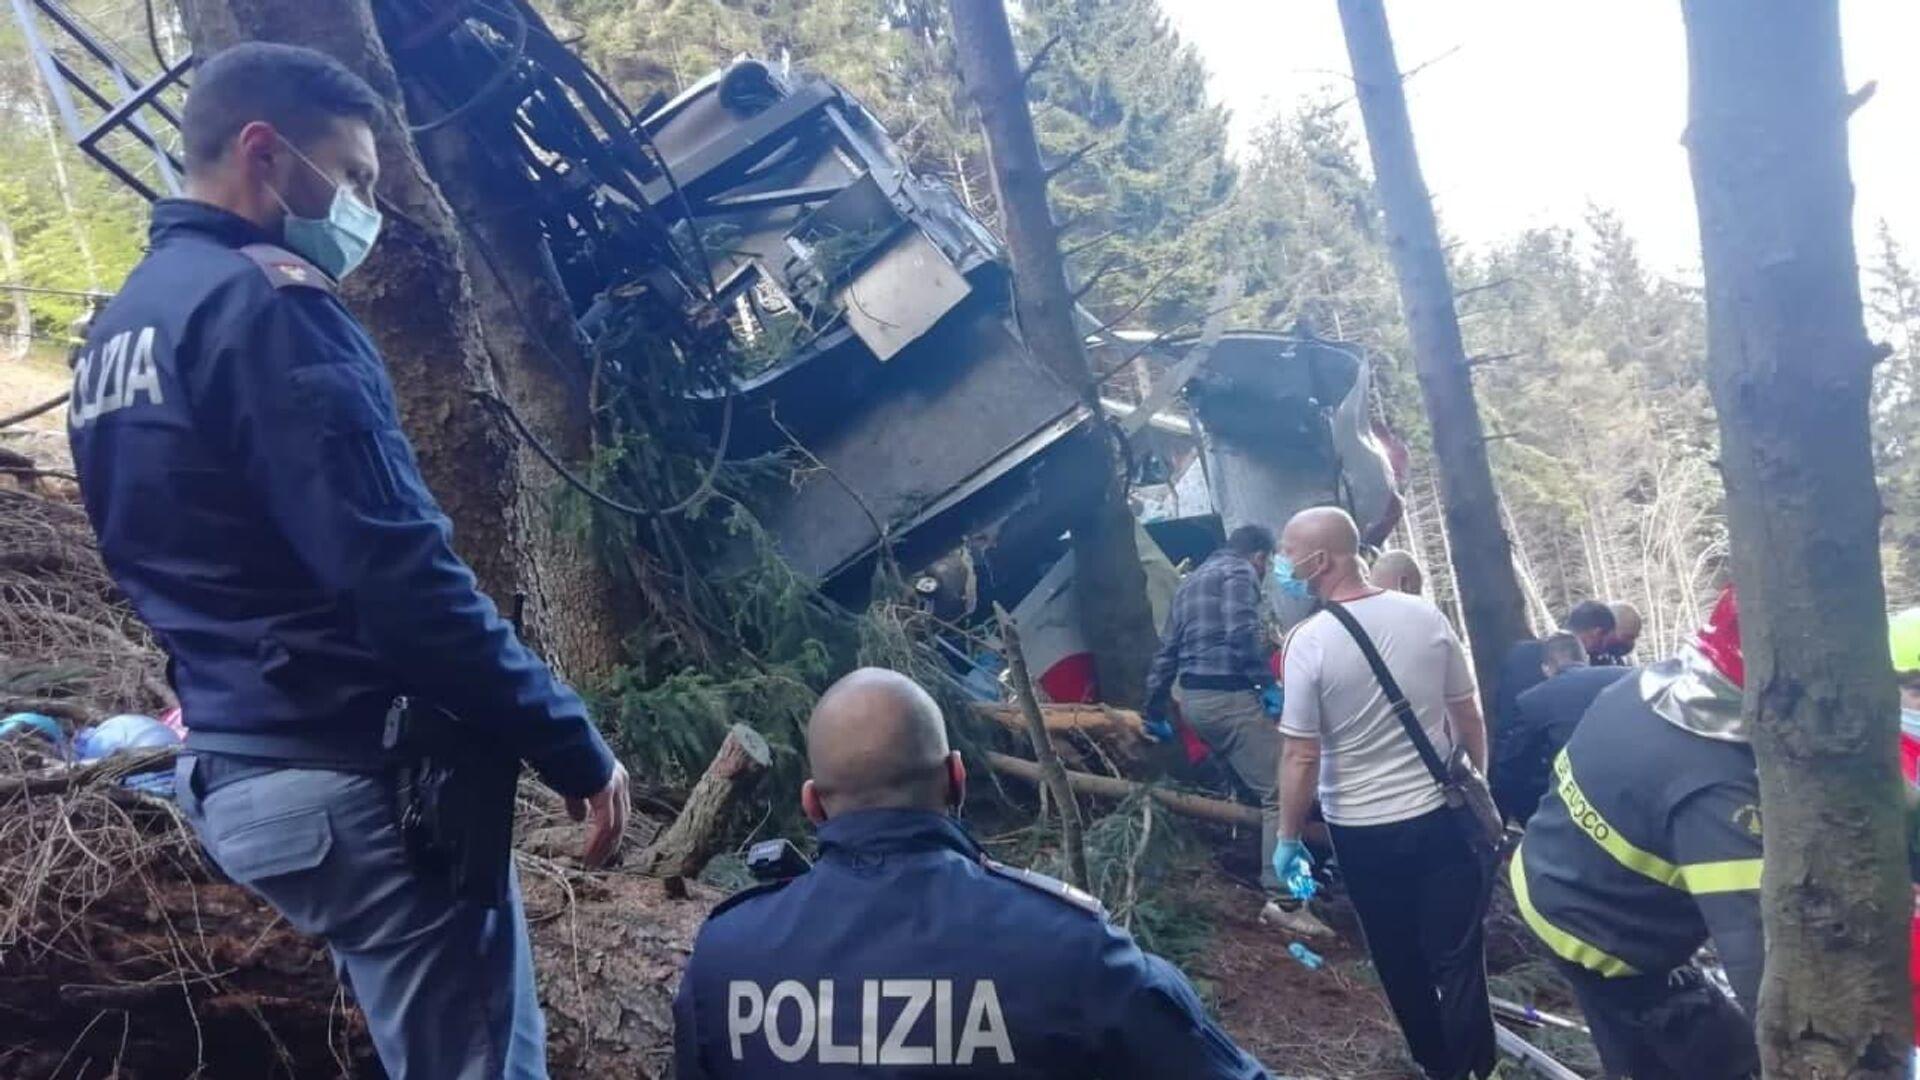 Piemonte, precipita cabina della funivia Stresa-Mottarone - Sputnik Italia, 1920, 23.09.2021